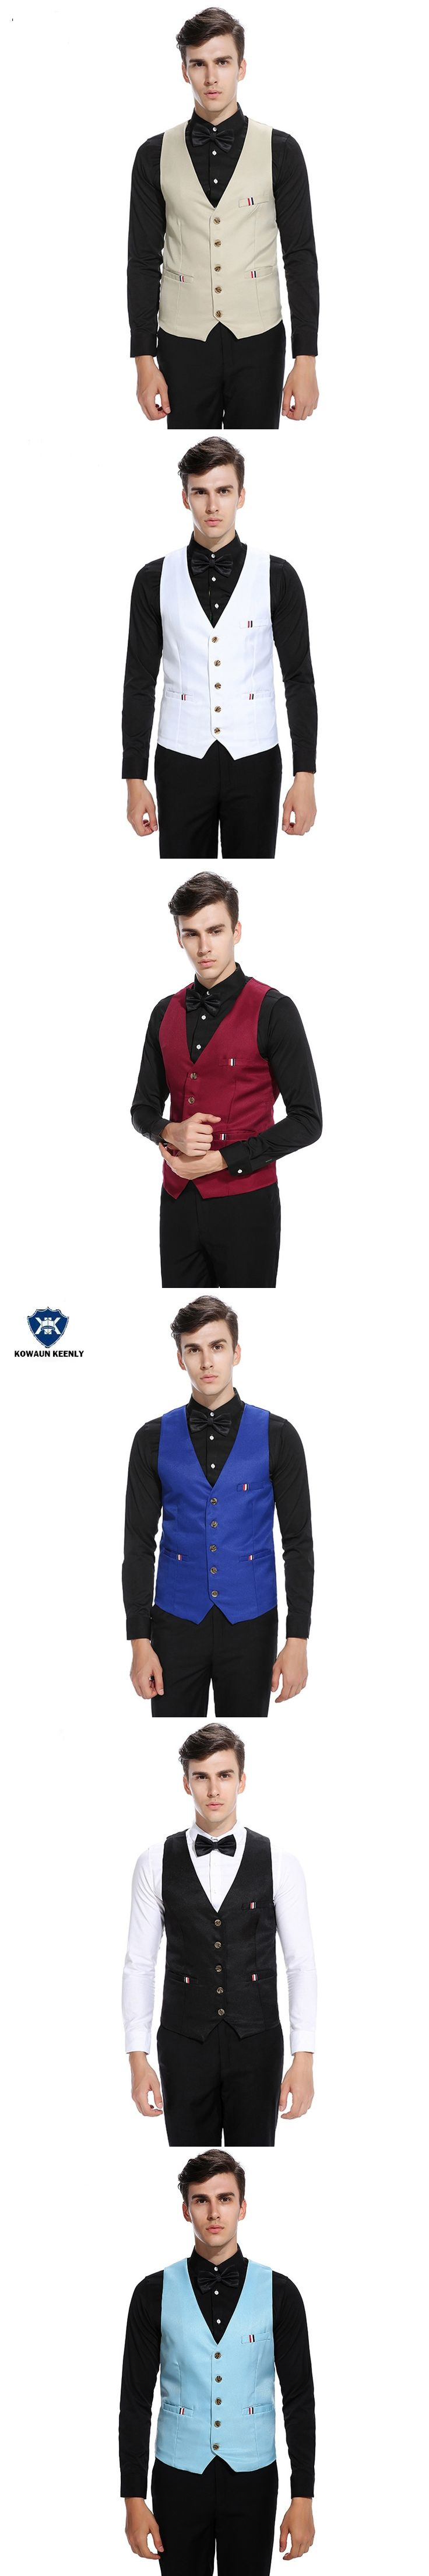 6 Color Slim Fit Mens Wedding Waistcoats Male Suit Vintage Vest Mens Classic Vest Wine Red Gilet Formal Vest Business Coletes